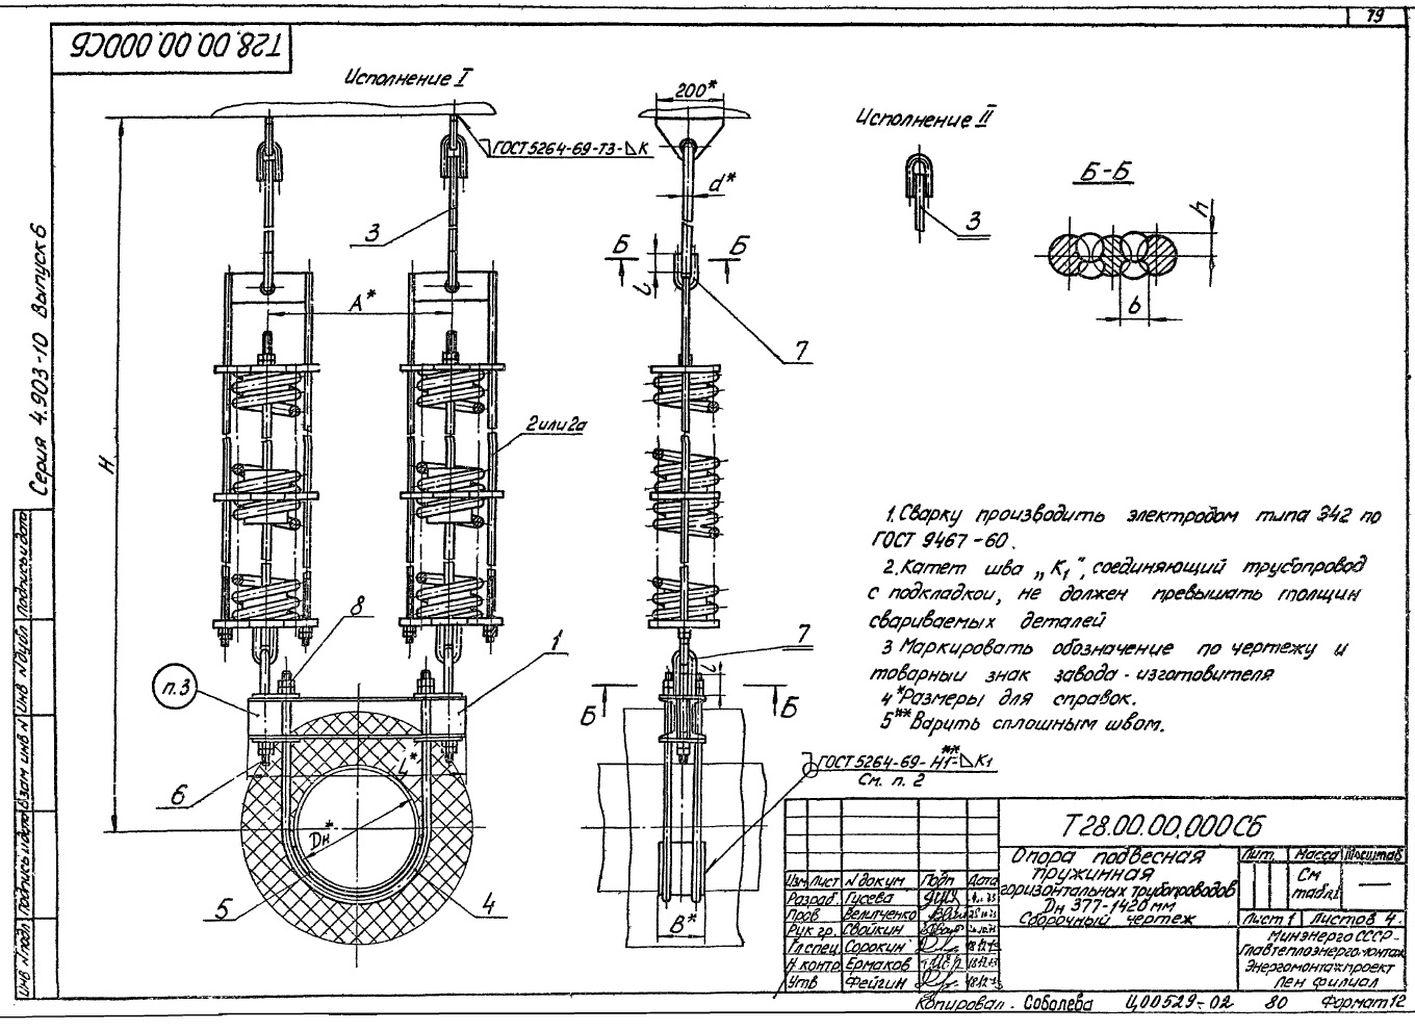 Опоры подвесные пружинные Т28 с.4.903-10 вып.6 стр.1